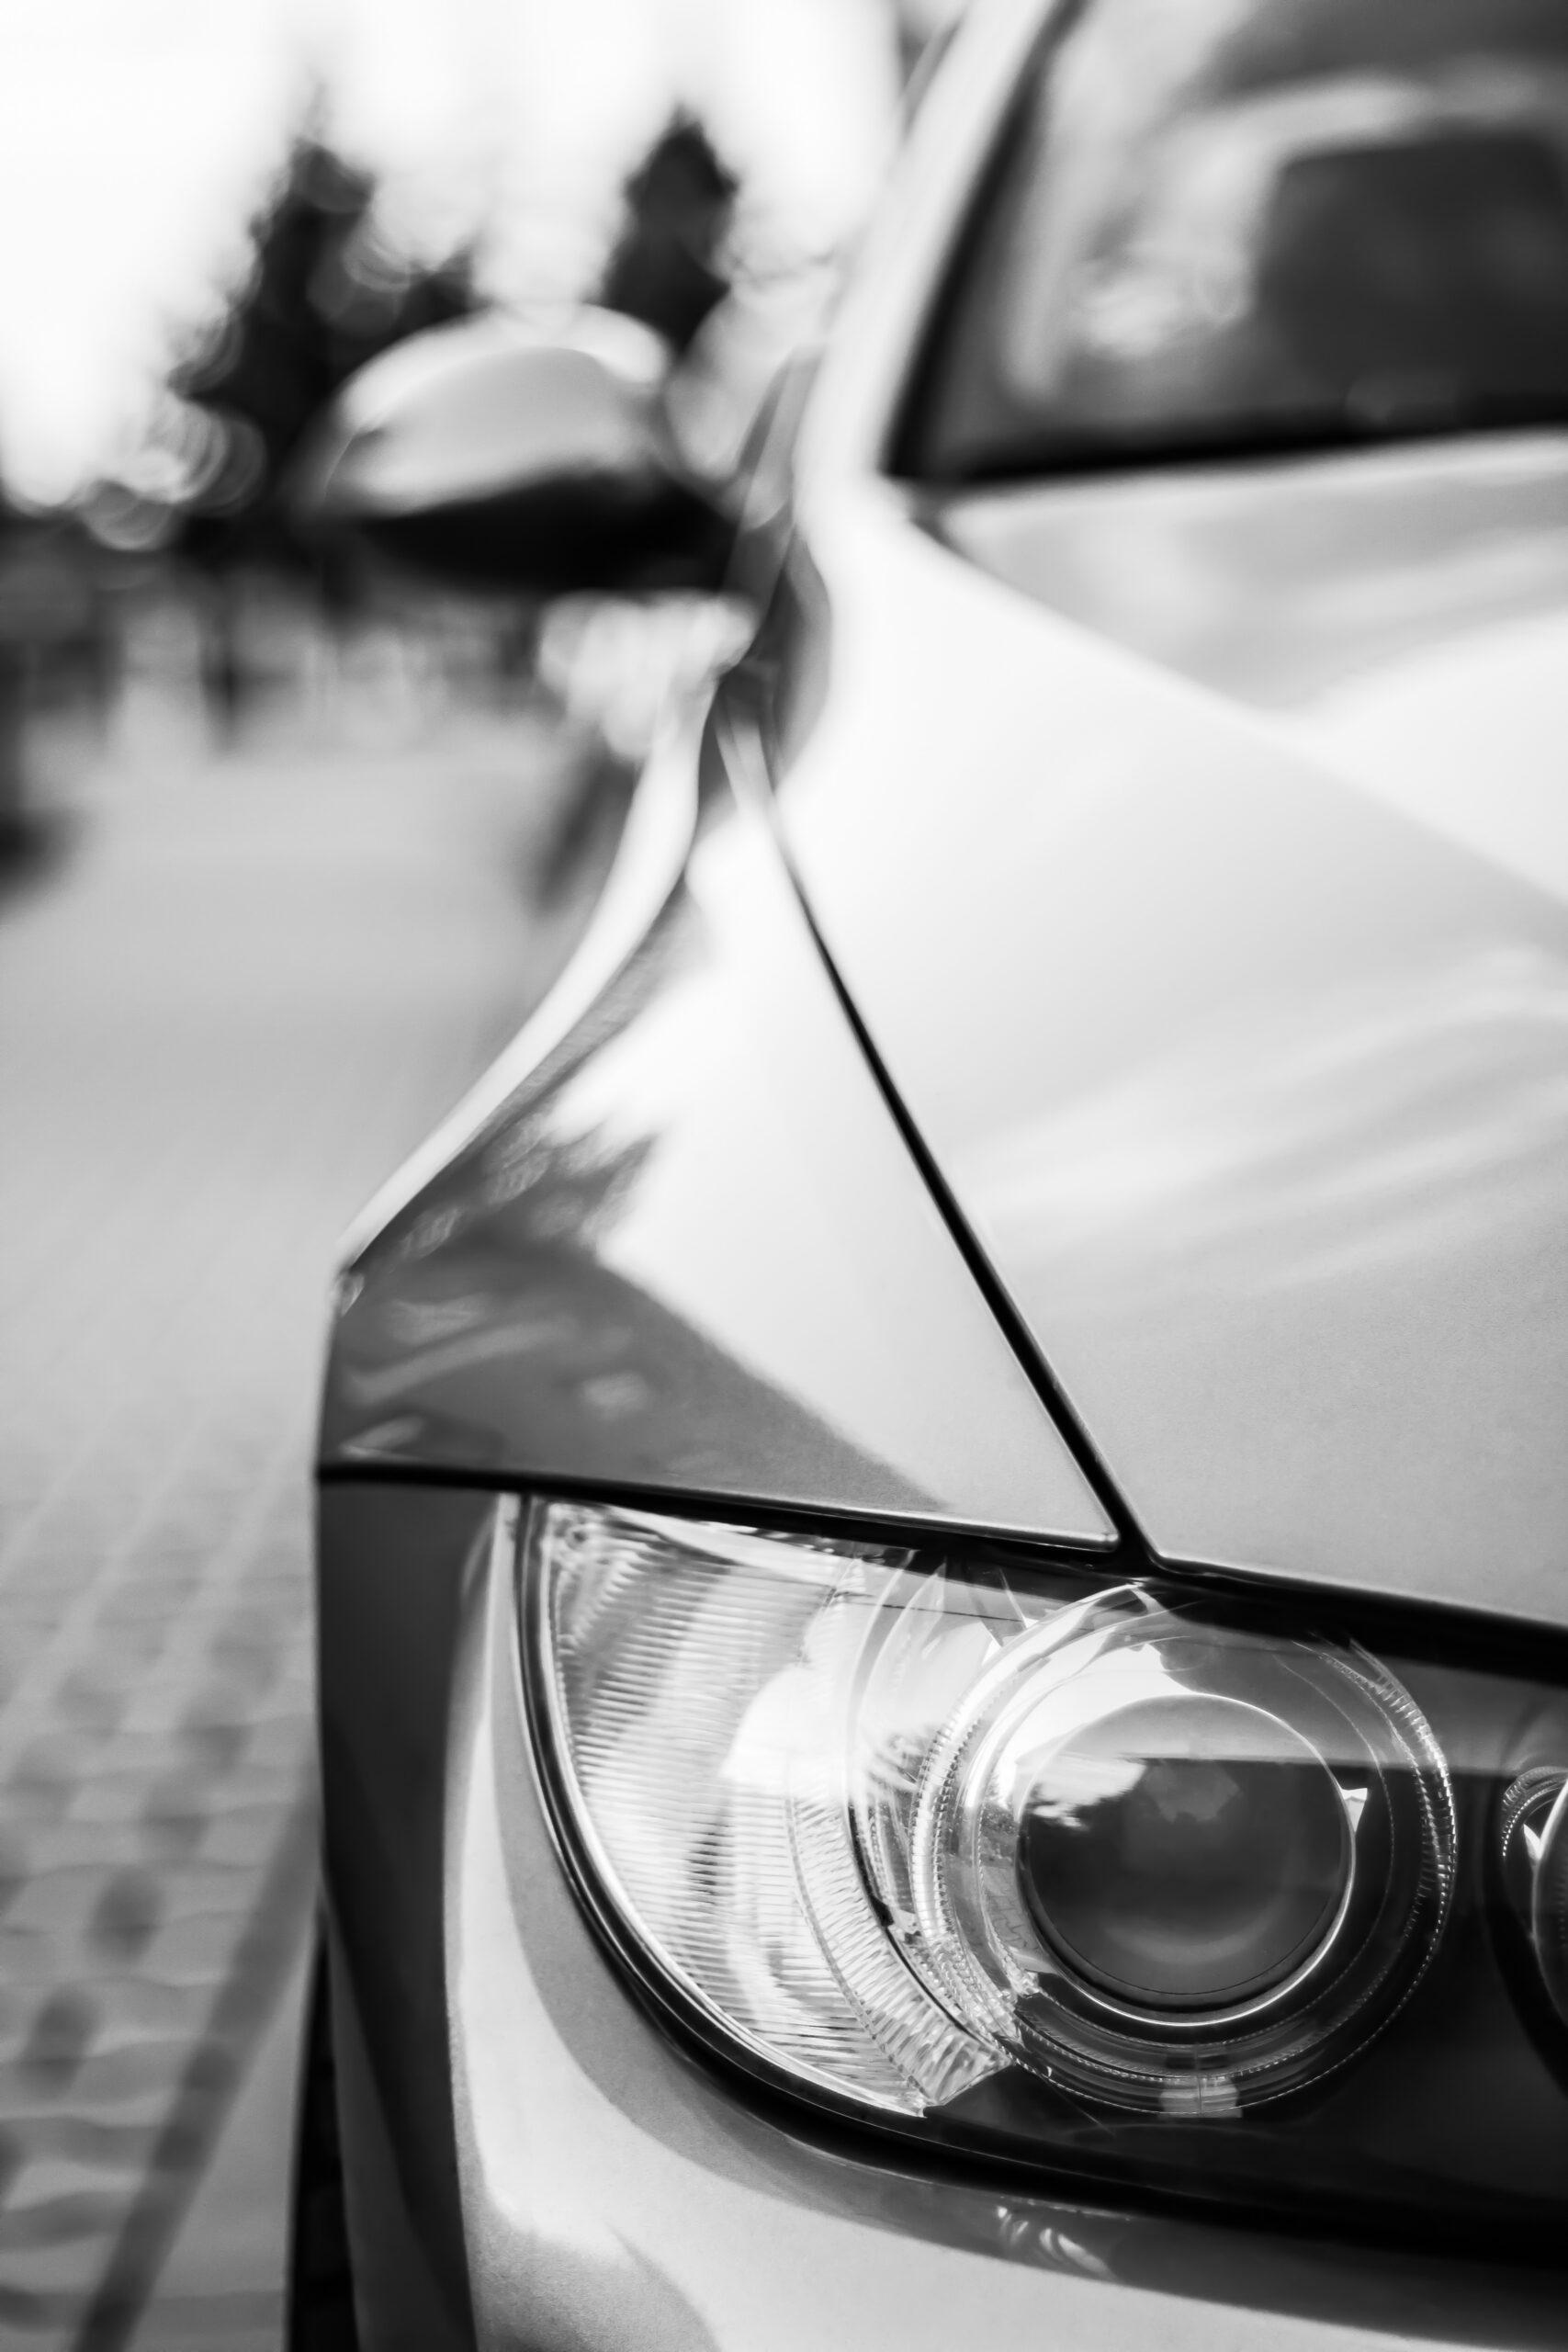 foto detalle en blanco y negro de faro y capo de un coche